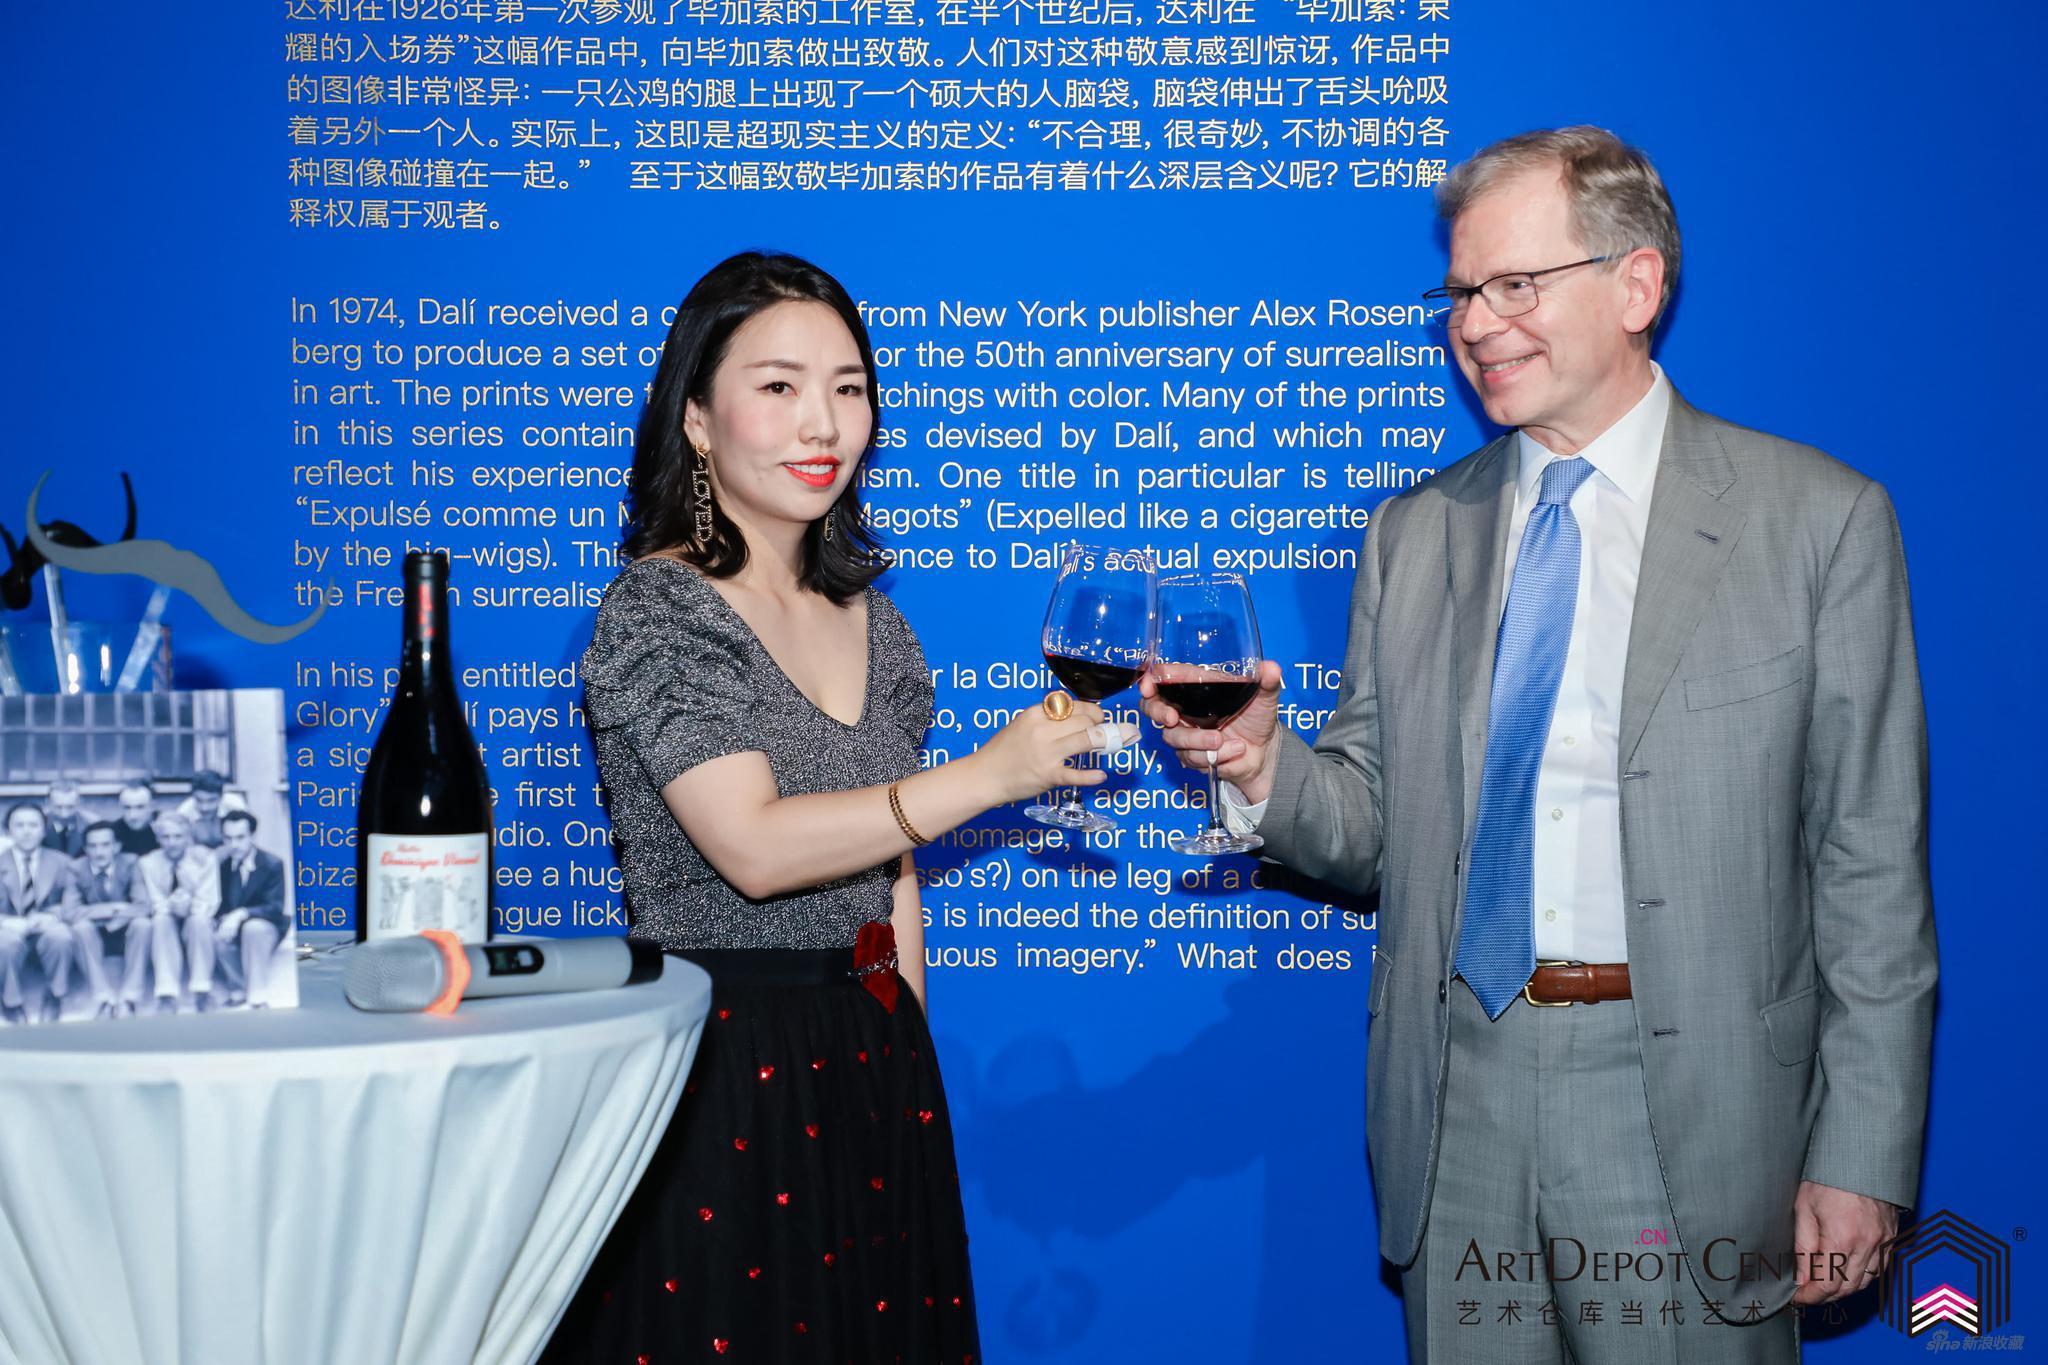 艺术仓库当代艺术中心创始人及中方策展人Serena Zhao、瑞士联邦驻华特命全权大使罗志谊博士阁下在本次的展览开幕上预祝艺术大展开幕取得圆满成功